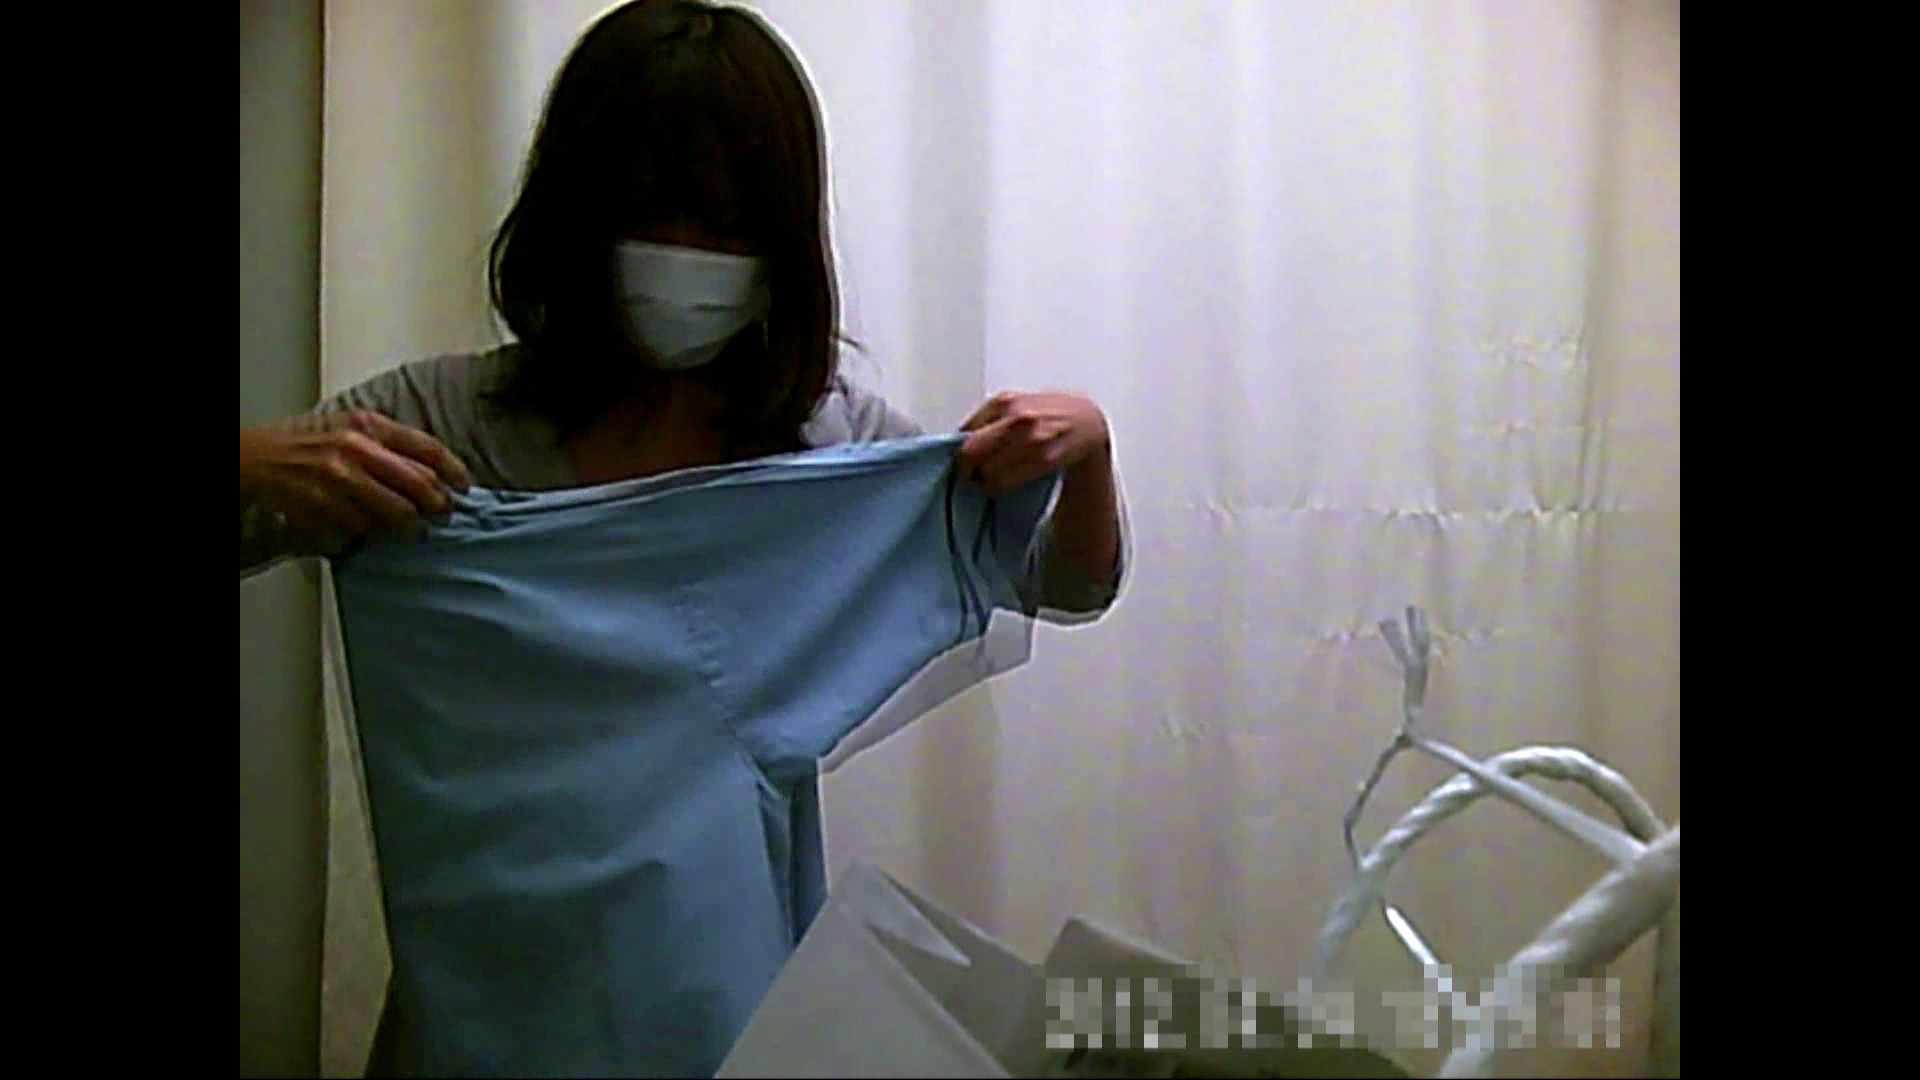 元医者による反抗 更衣室地獄絵巻 vol.021 お姉さん | ギャル  53画像 48